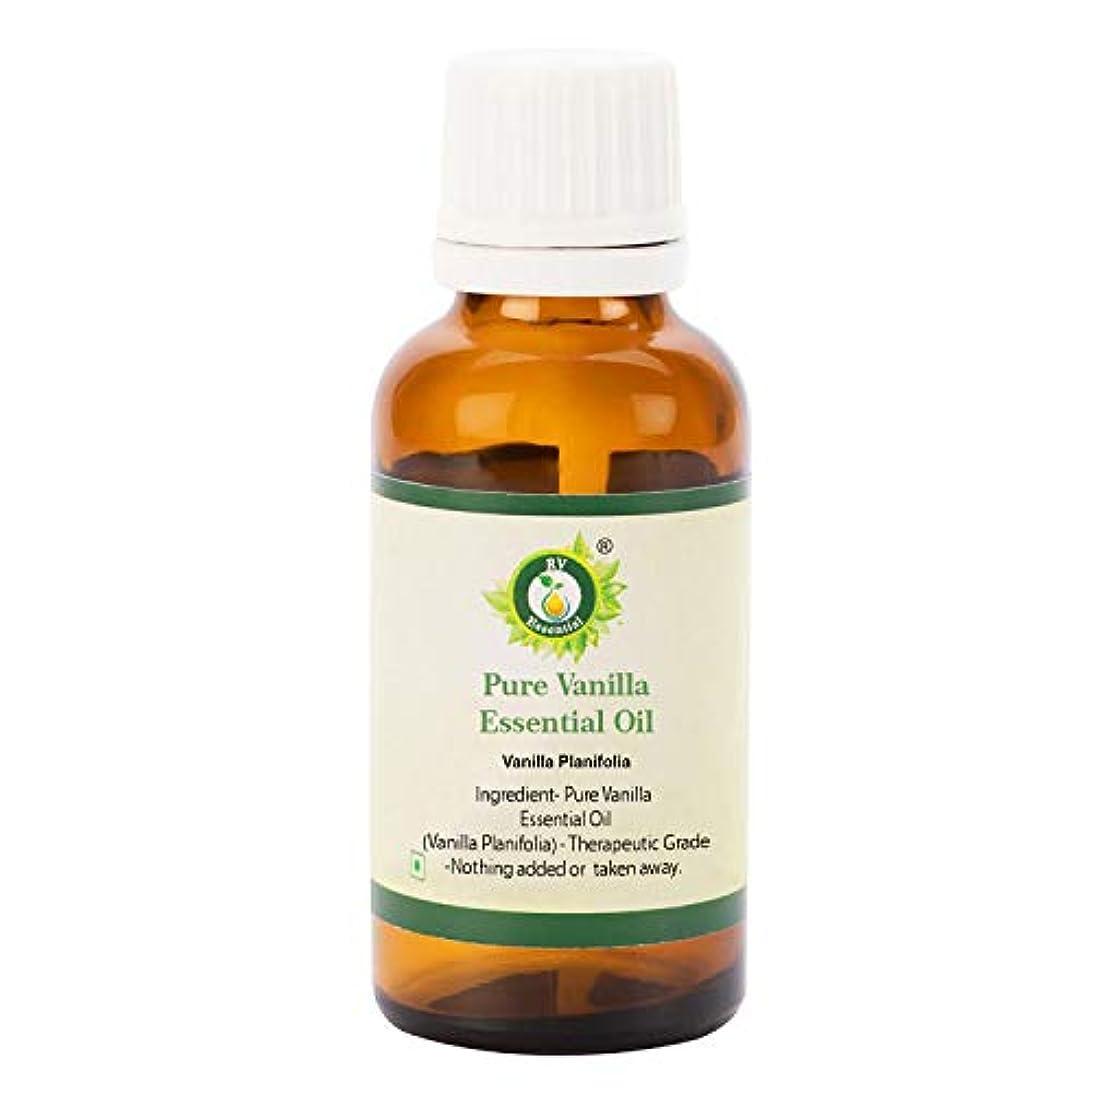 救出樫の木暖かくR V Essential ピュアバニラエッセンシャルオイル30ml (1.01oz)- Vanilla Planifolia (100%純粋&天然) Pure Vanilla Essential Oil